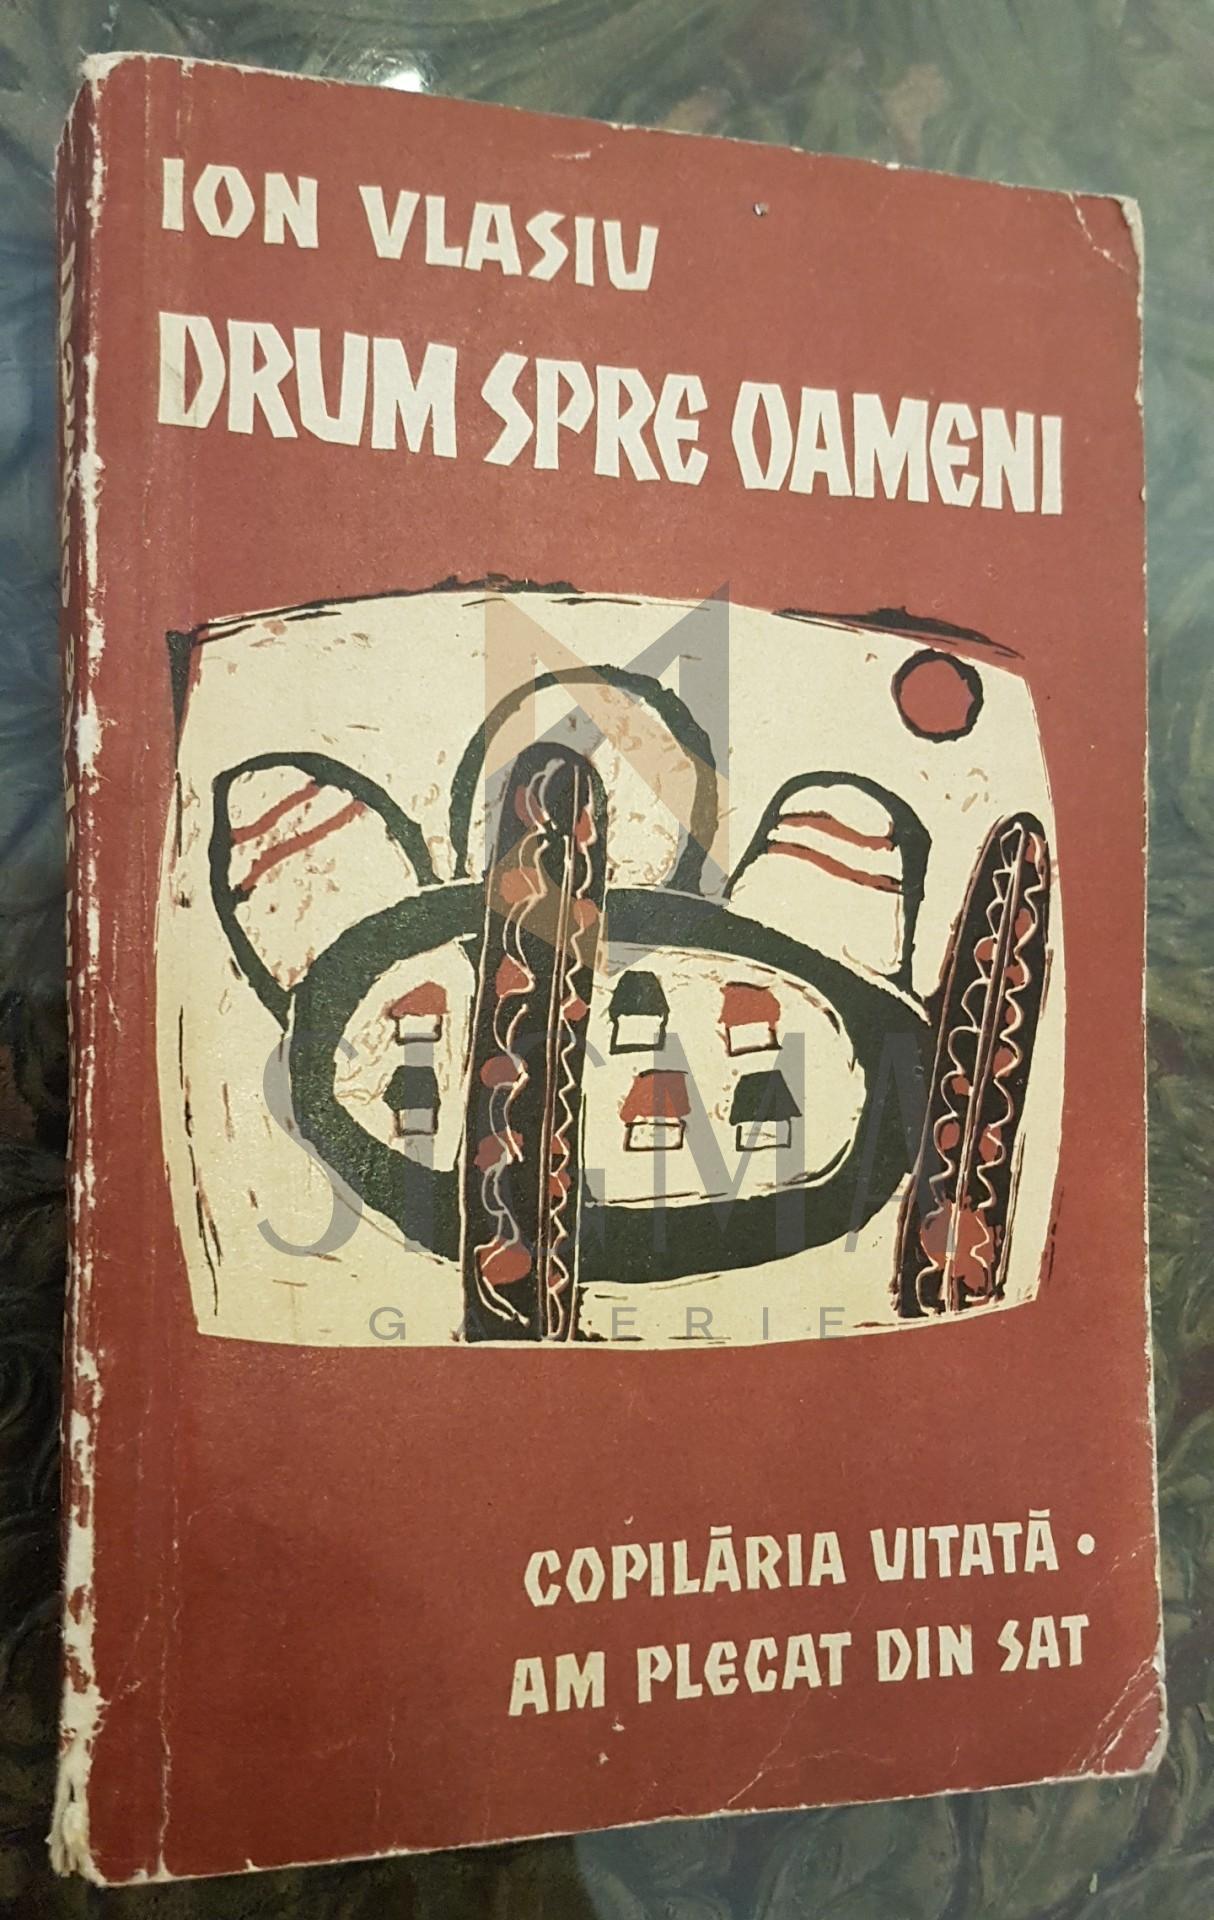 DRUM SPRE OAMENI (Volumul I contine Dedicatia si Autograful Autorului !)